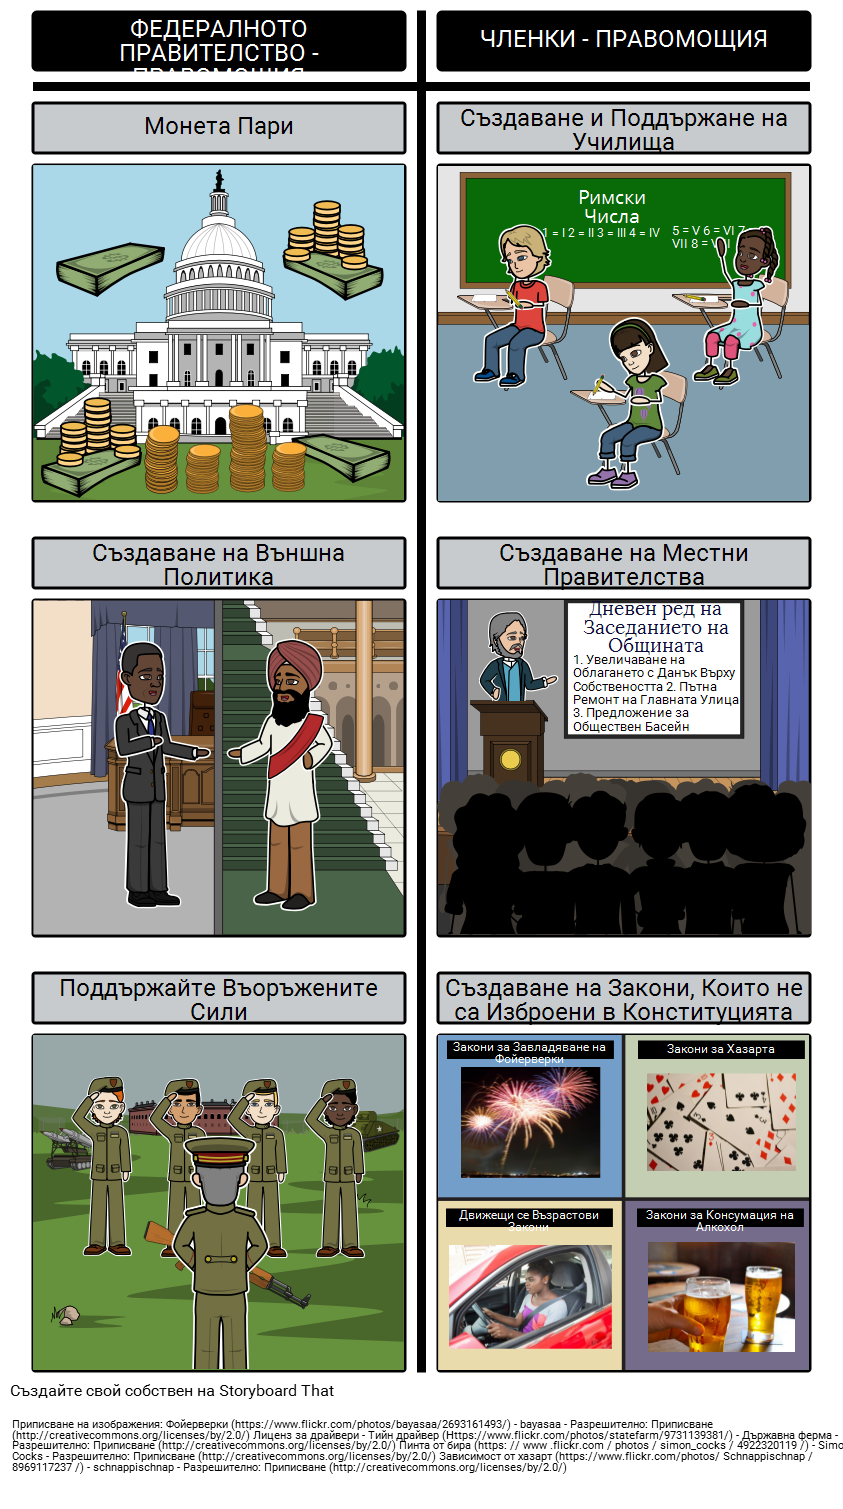 Въведение в Правителството - Федерализъм